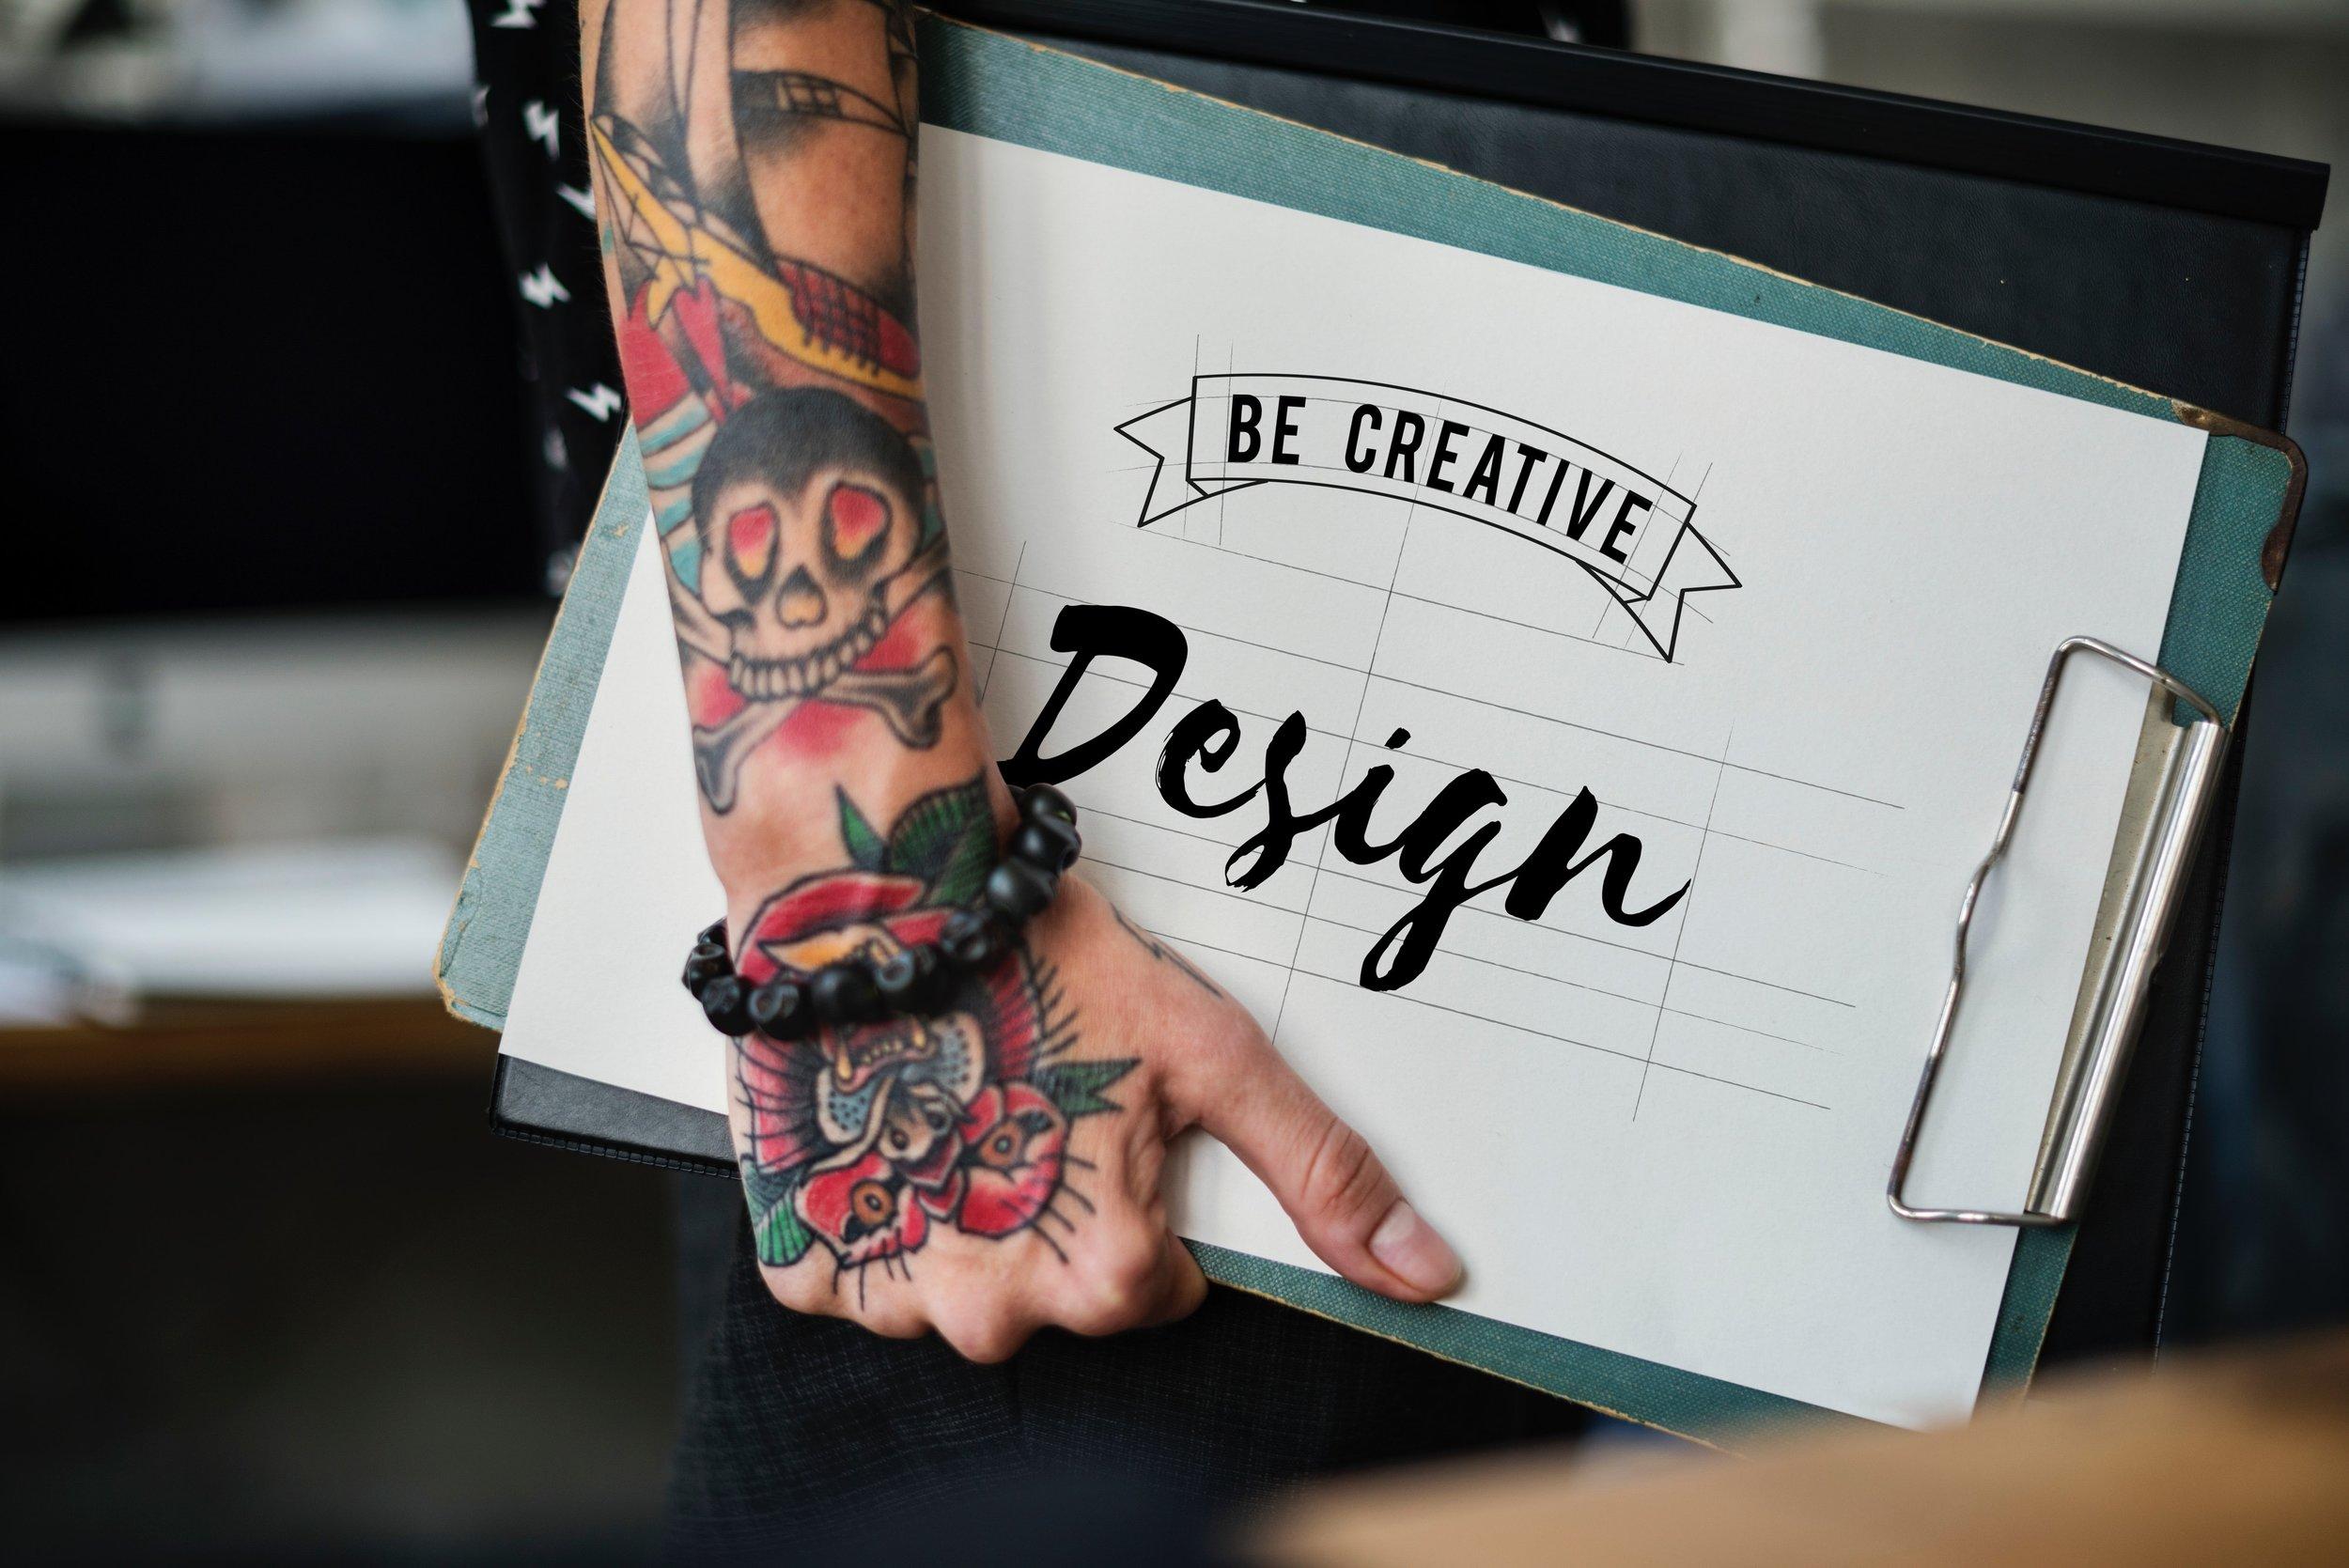 artist-board-bracelet-1327214.jpg